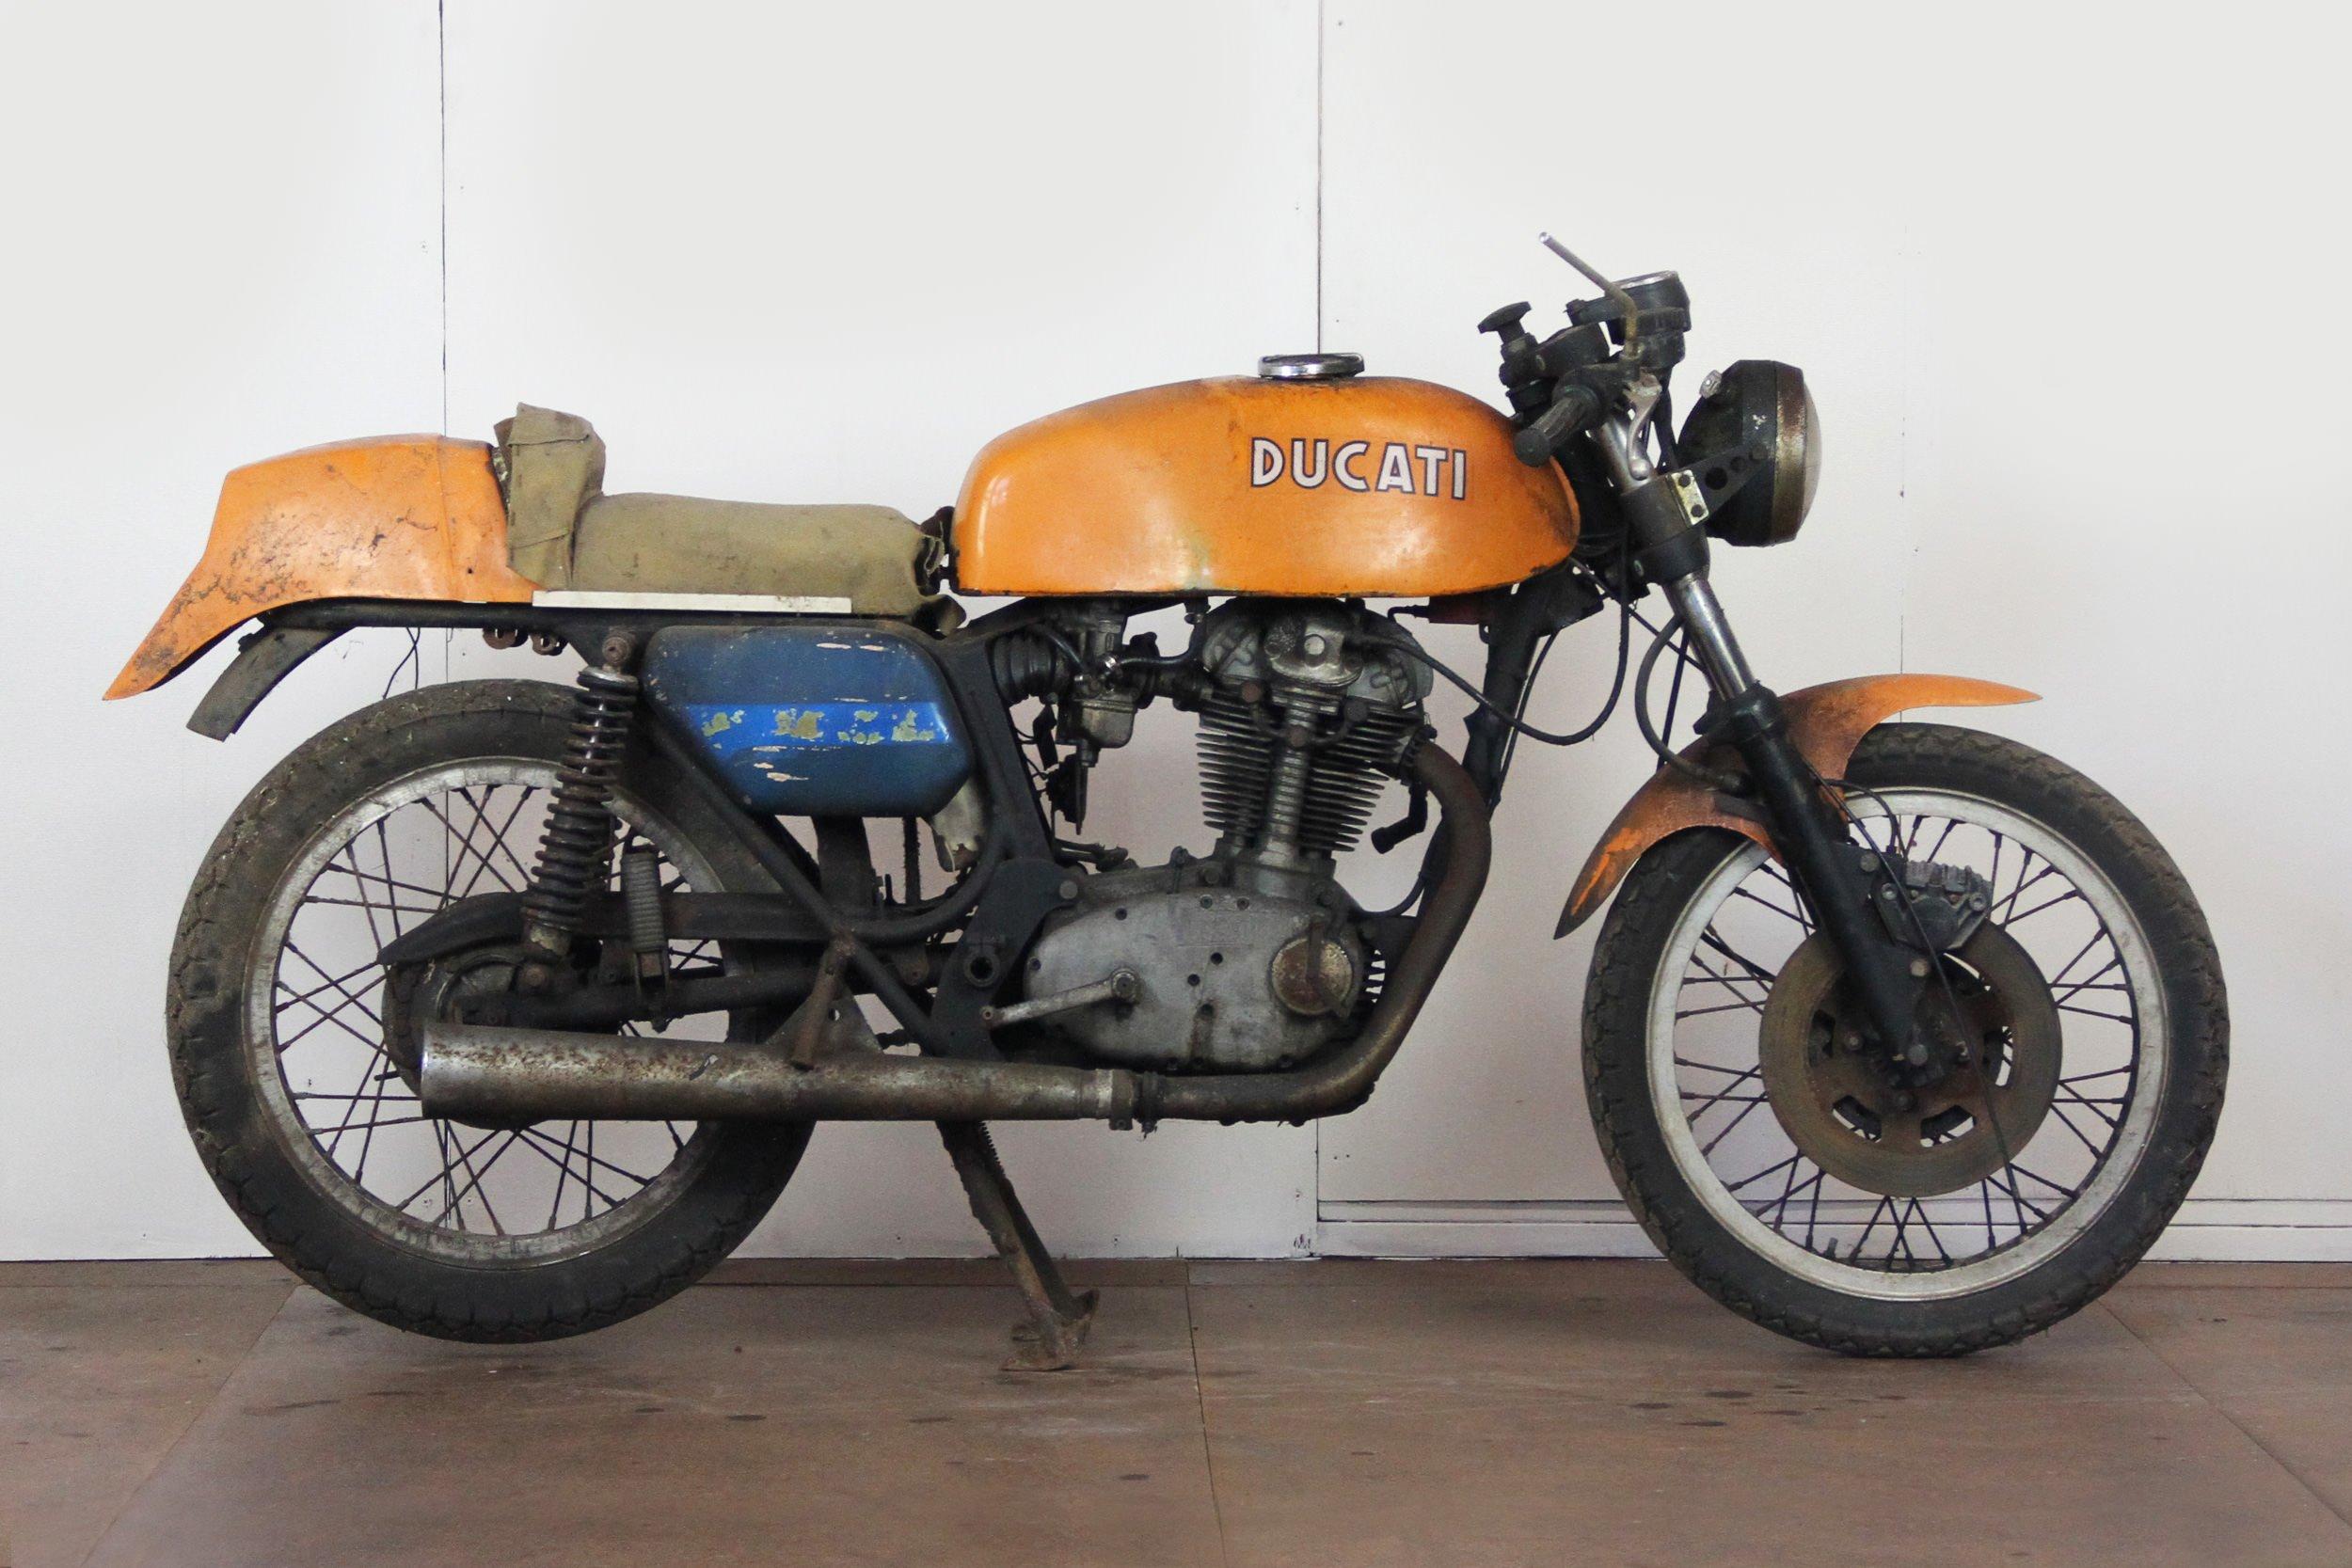 Ducati Sale Event